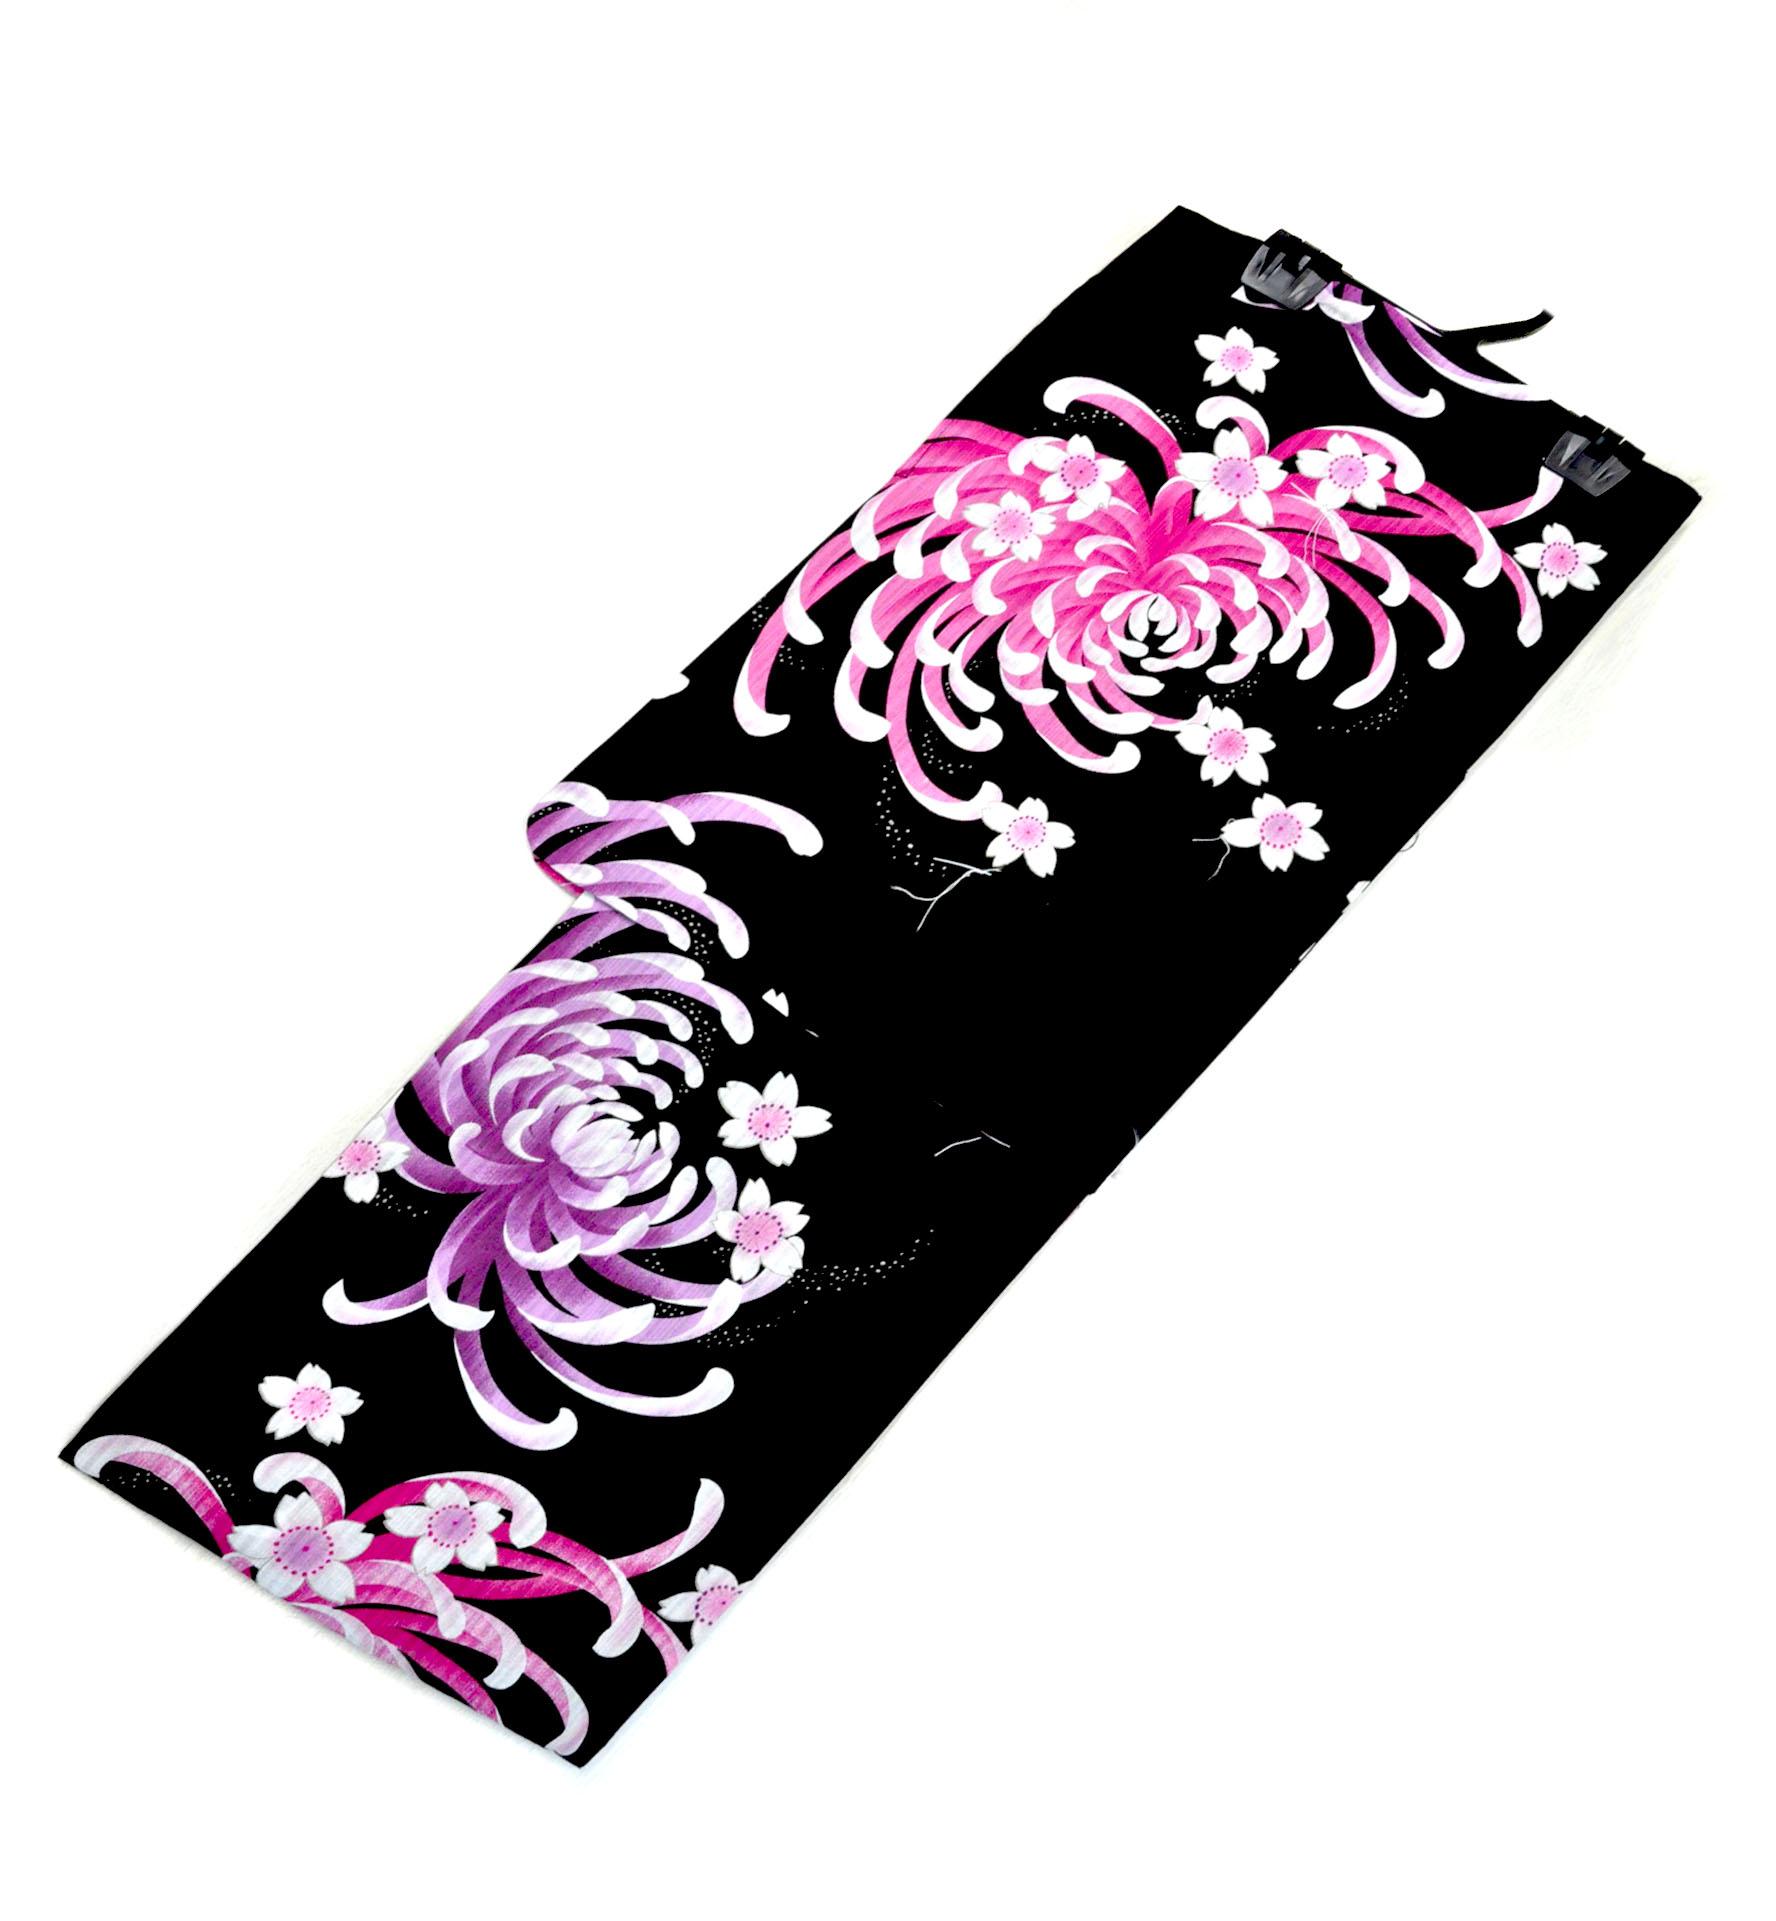 Yukata selezione abiti kimono giapponese matsuri blog for Finestra giapponese